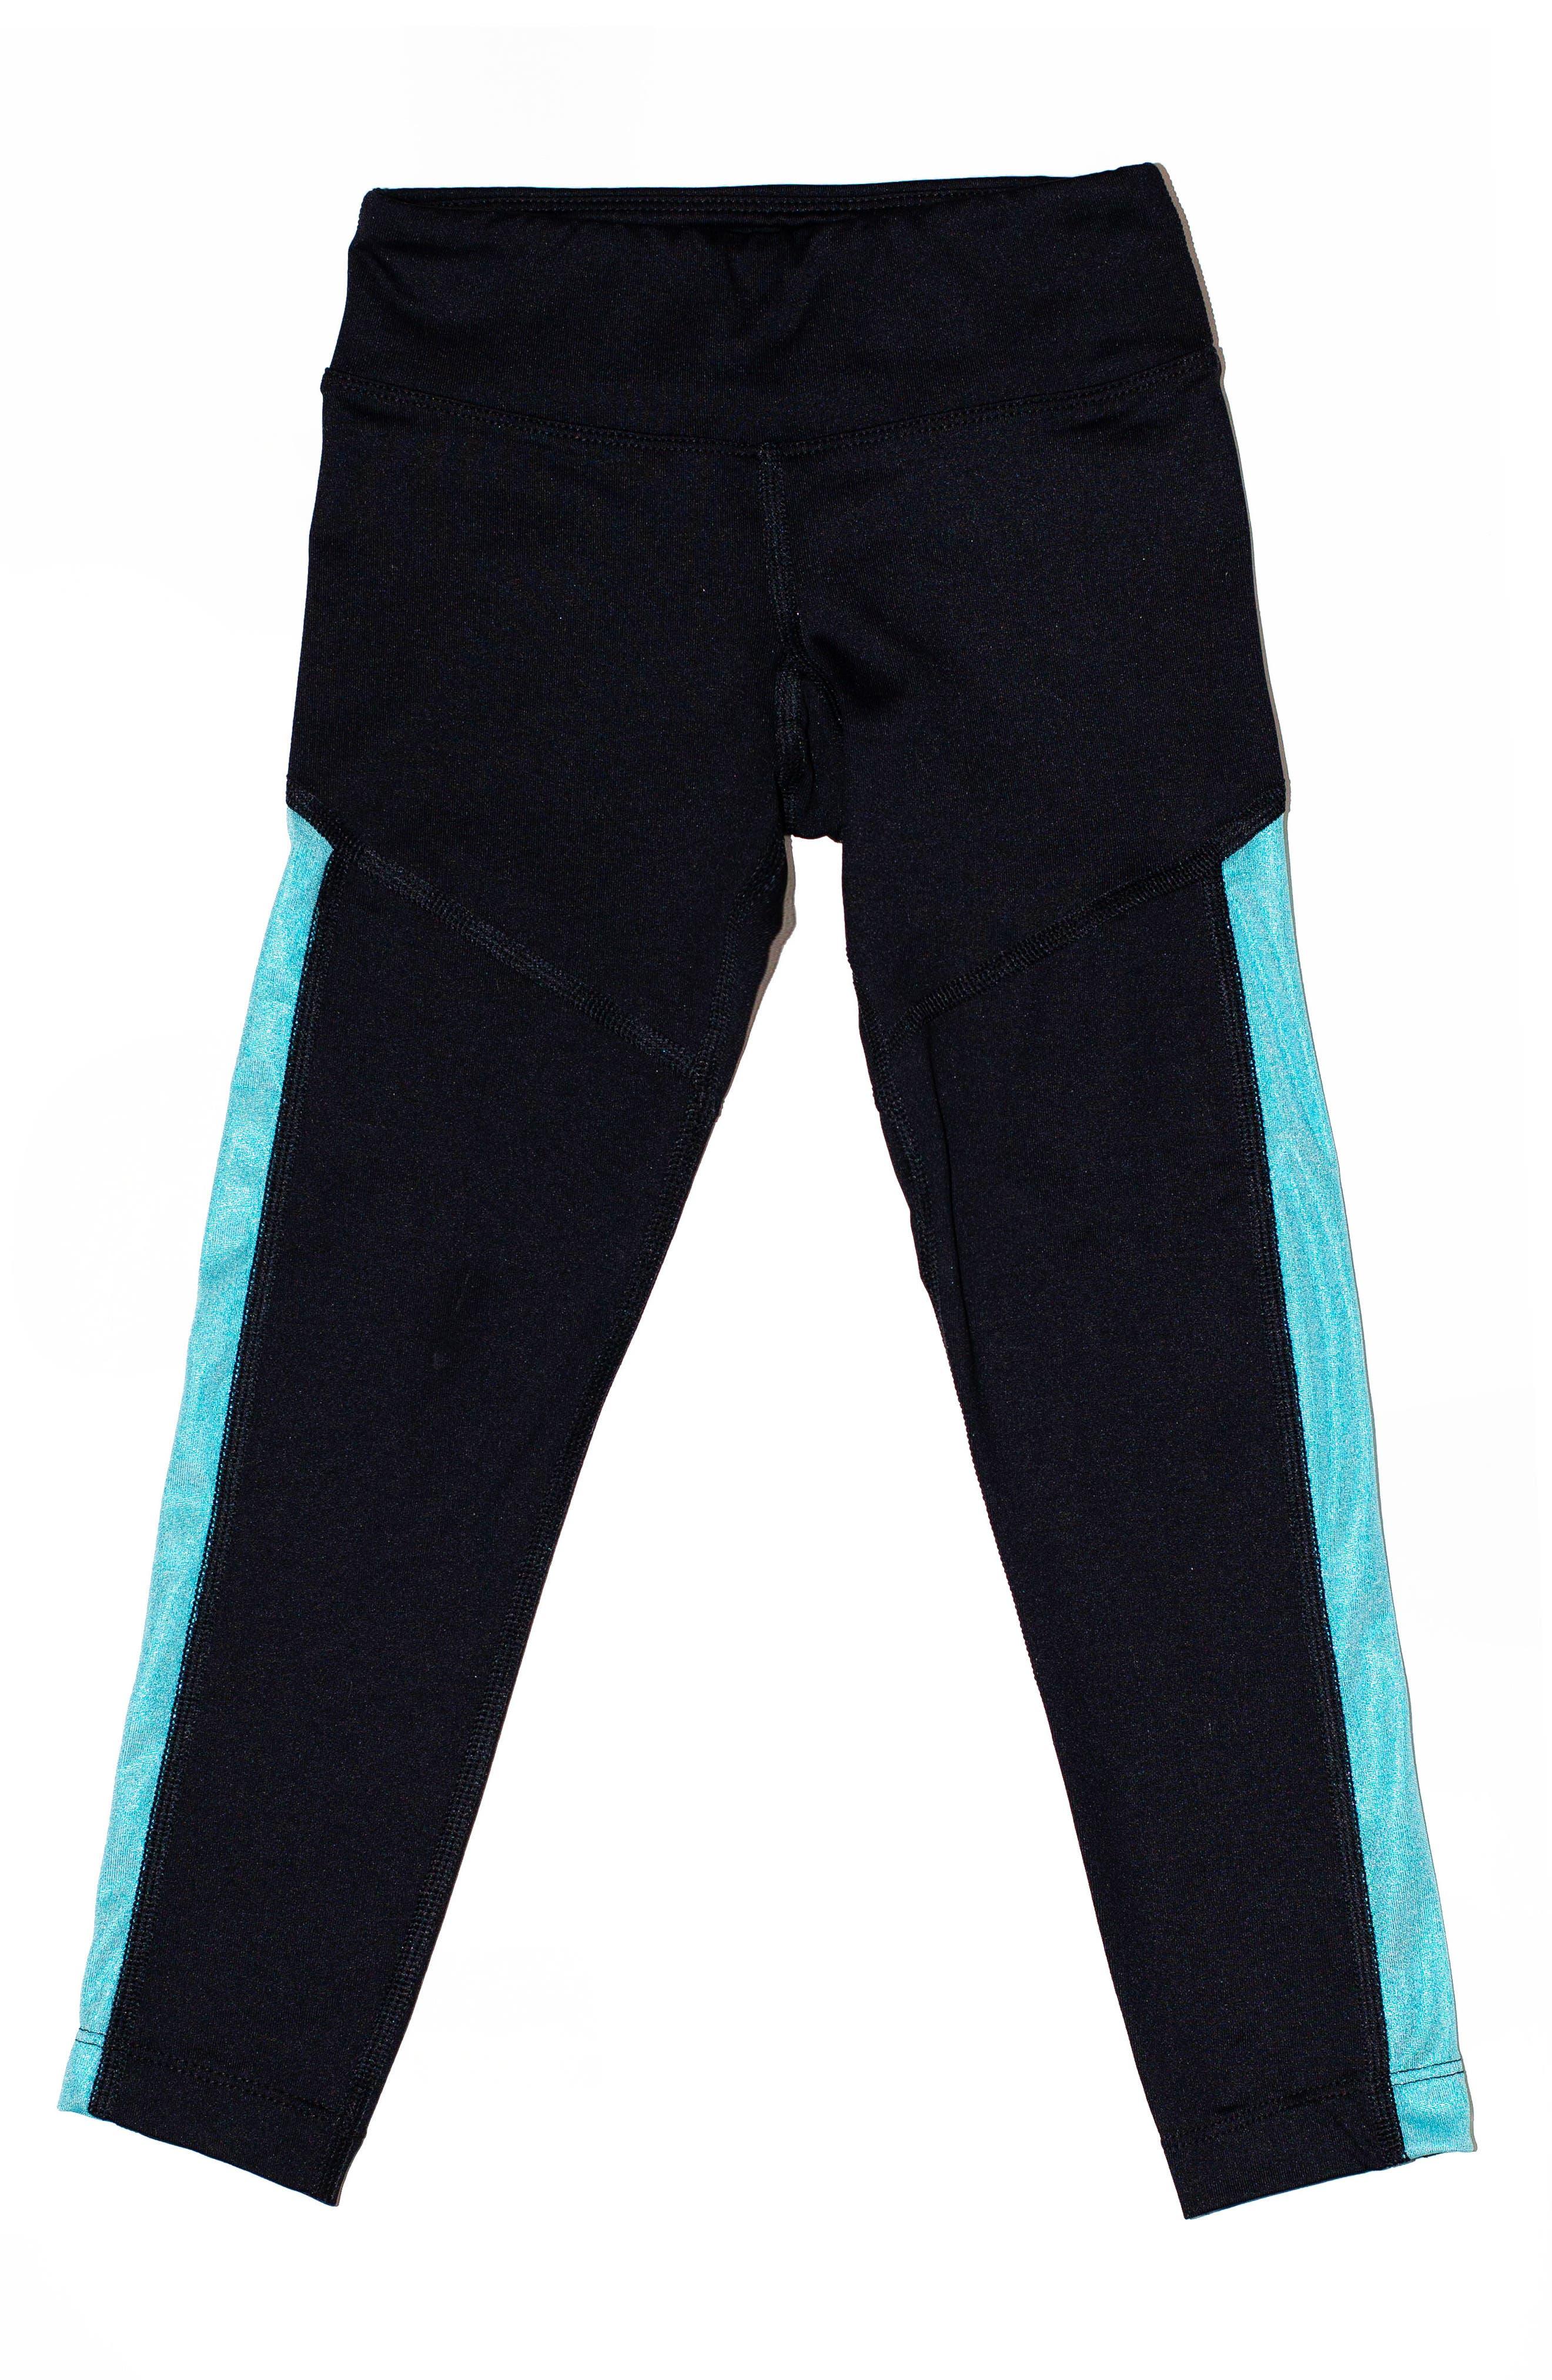 MIRA RAE Zara Colorblock Leggings, Main, color, 001